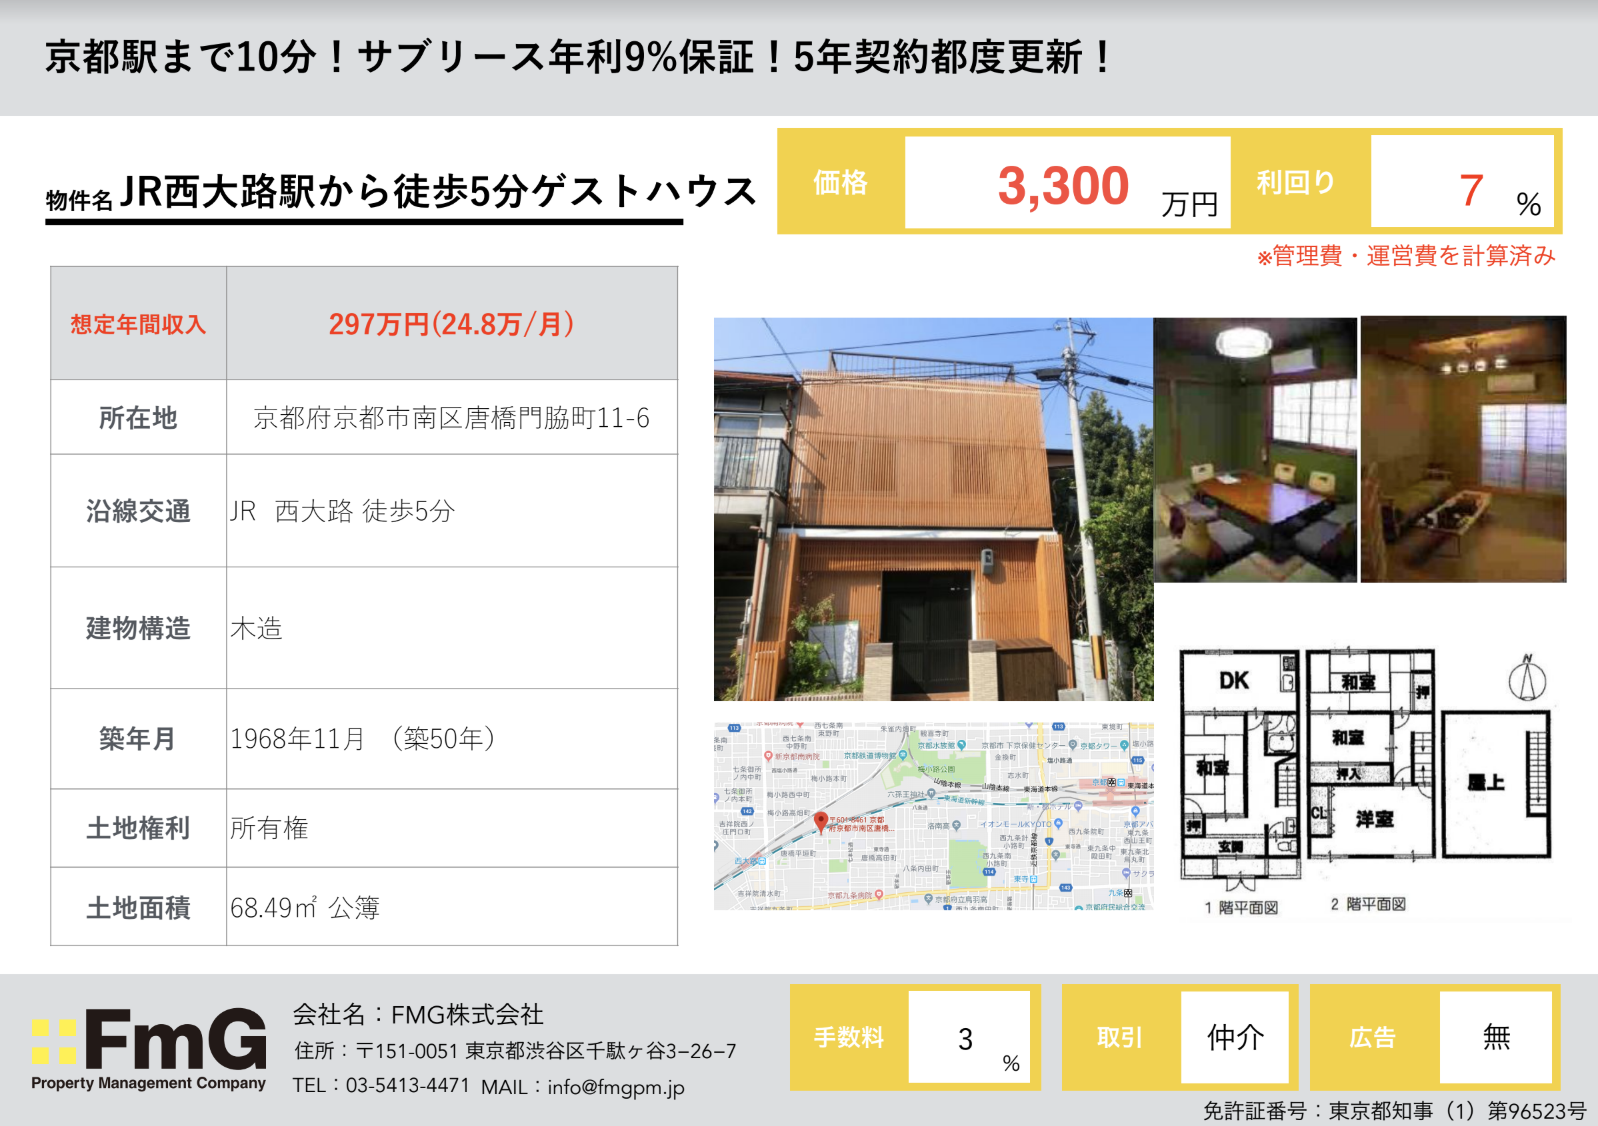 西大路ゲストハウス 3300万円